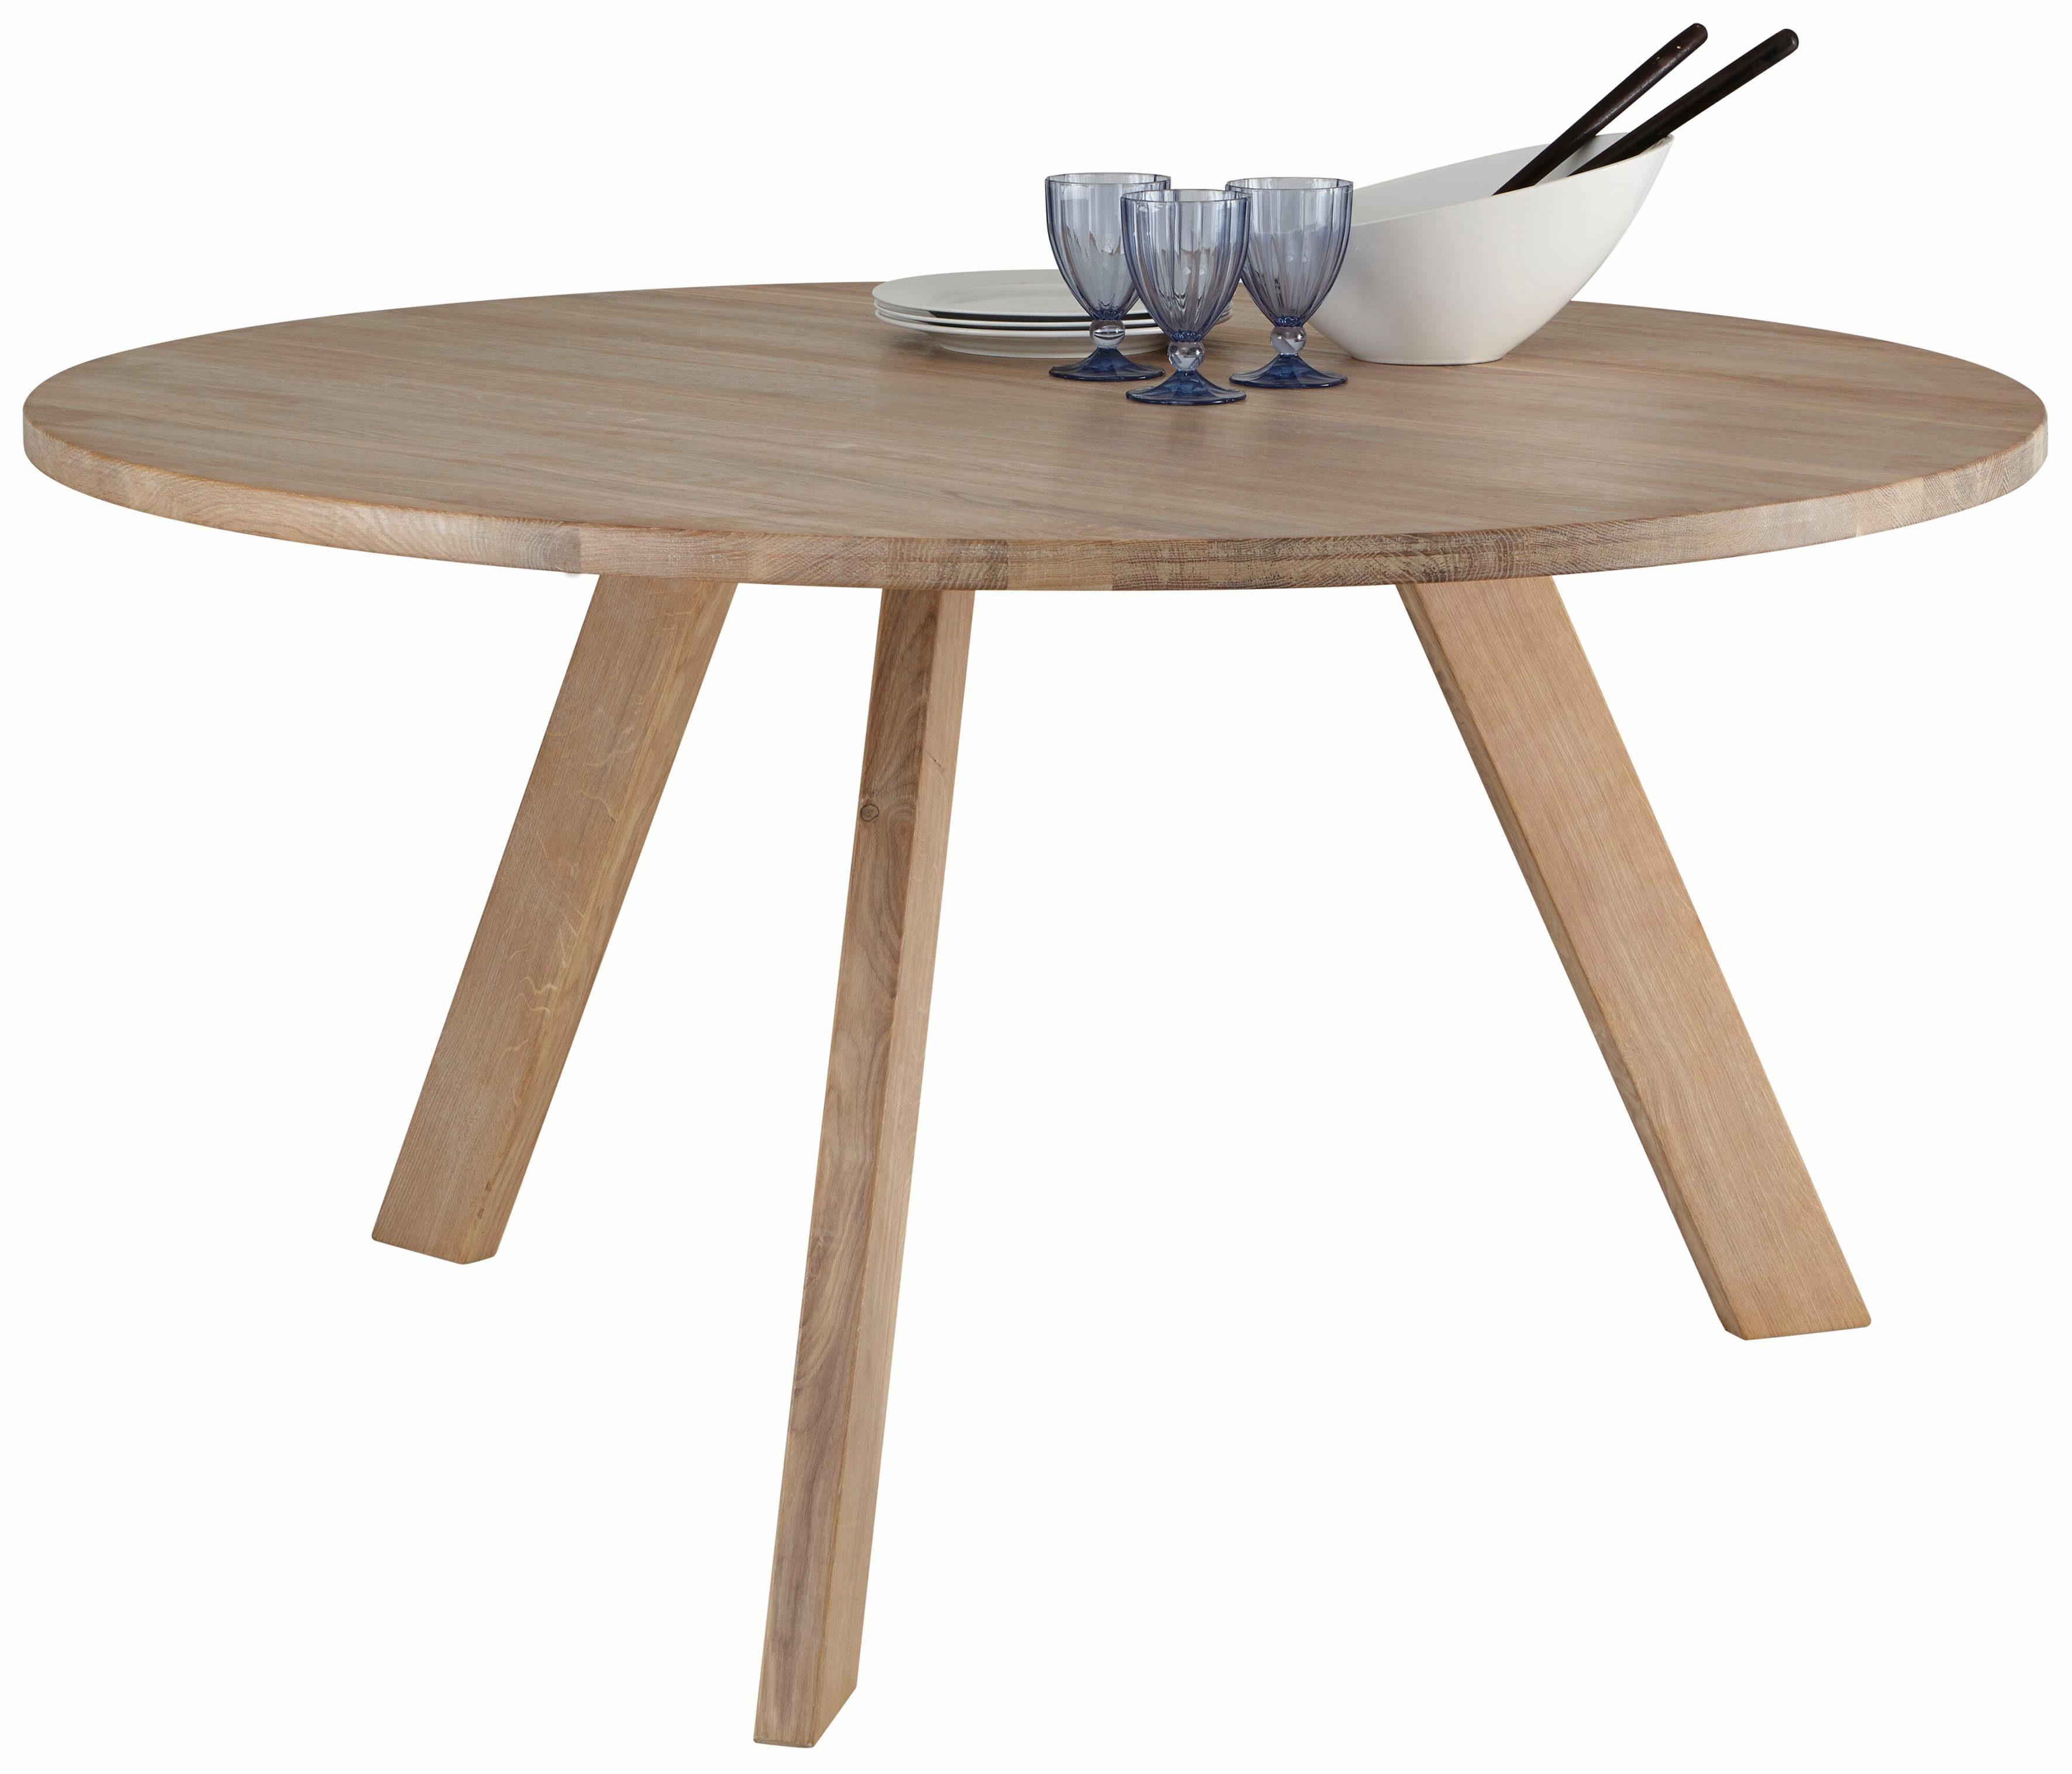 Guido Maria Kretschmer Home&Living Esstisch »Dinard«, Ø 140 cm, mit runder Tischplatte aus massiver Eiche online kaufen | OTTO